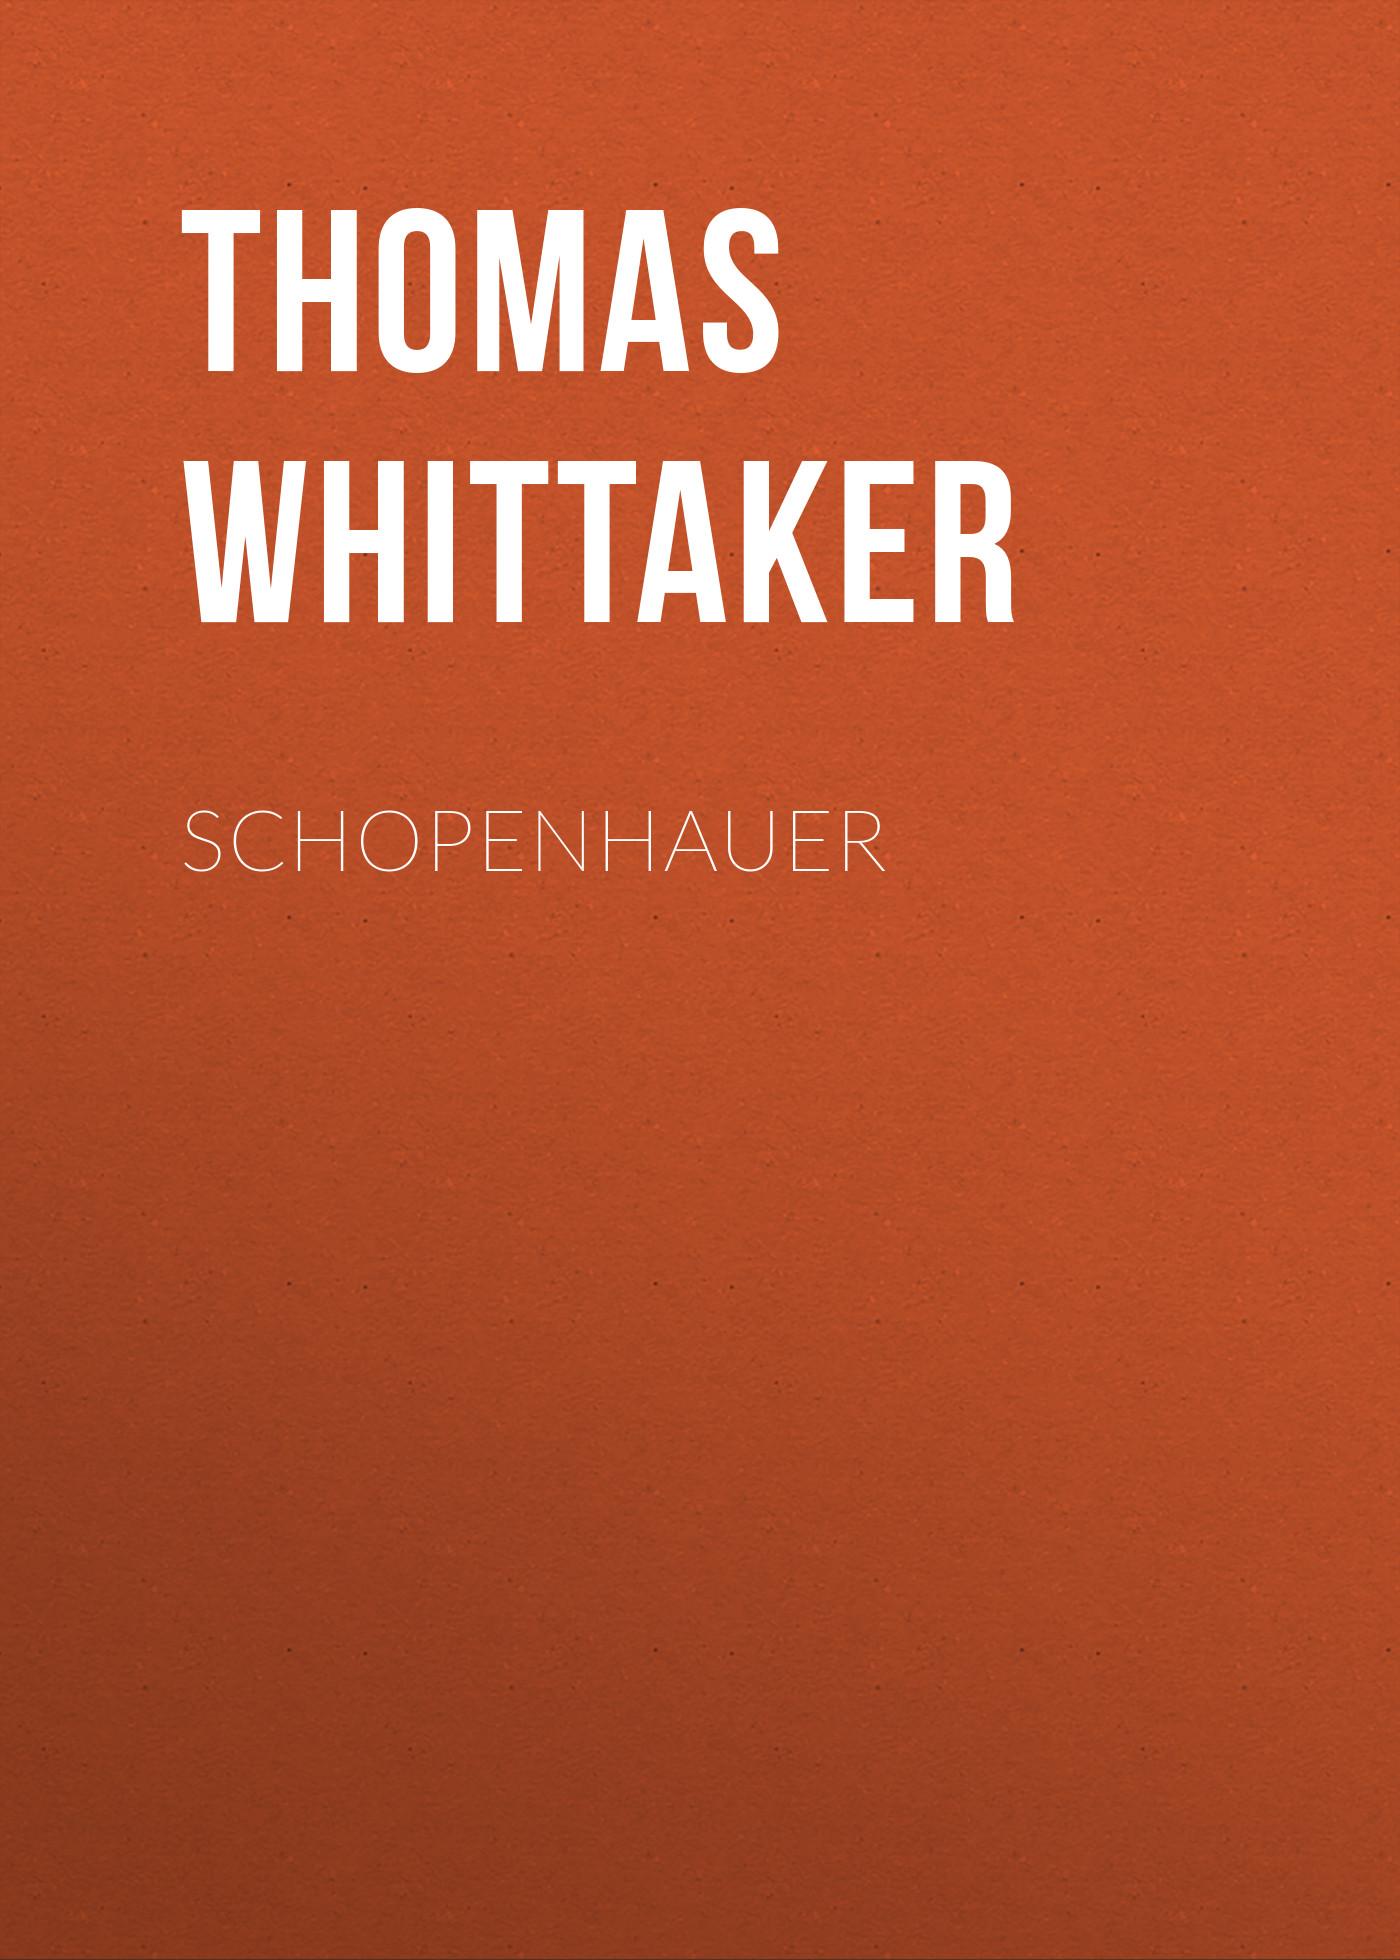 Thomas Whittaker Schopenhauer thomas whittaker schopenhauer